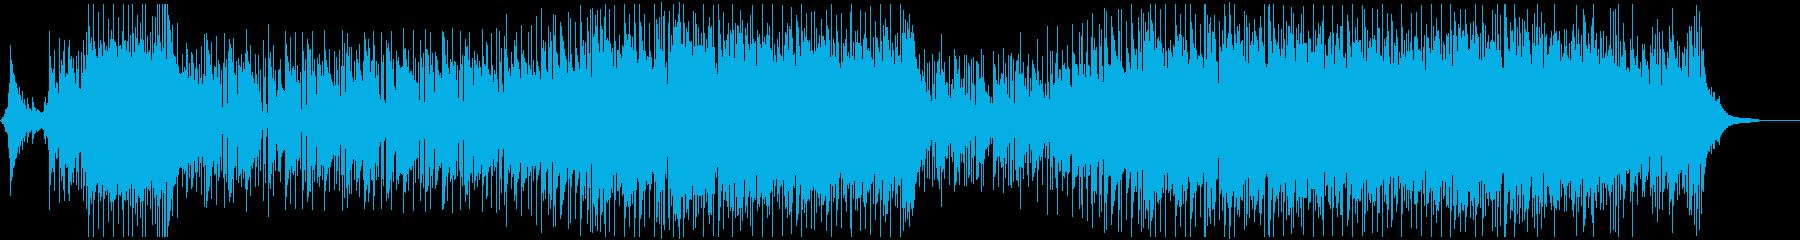 明るい爽やかで感動的なBGMの再生済みの波形